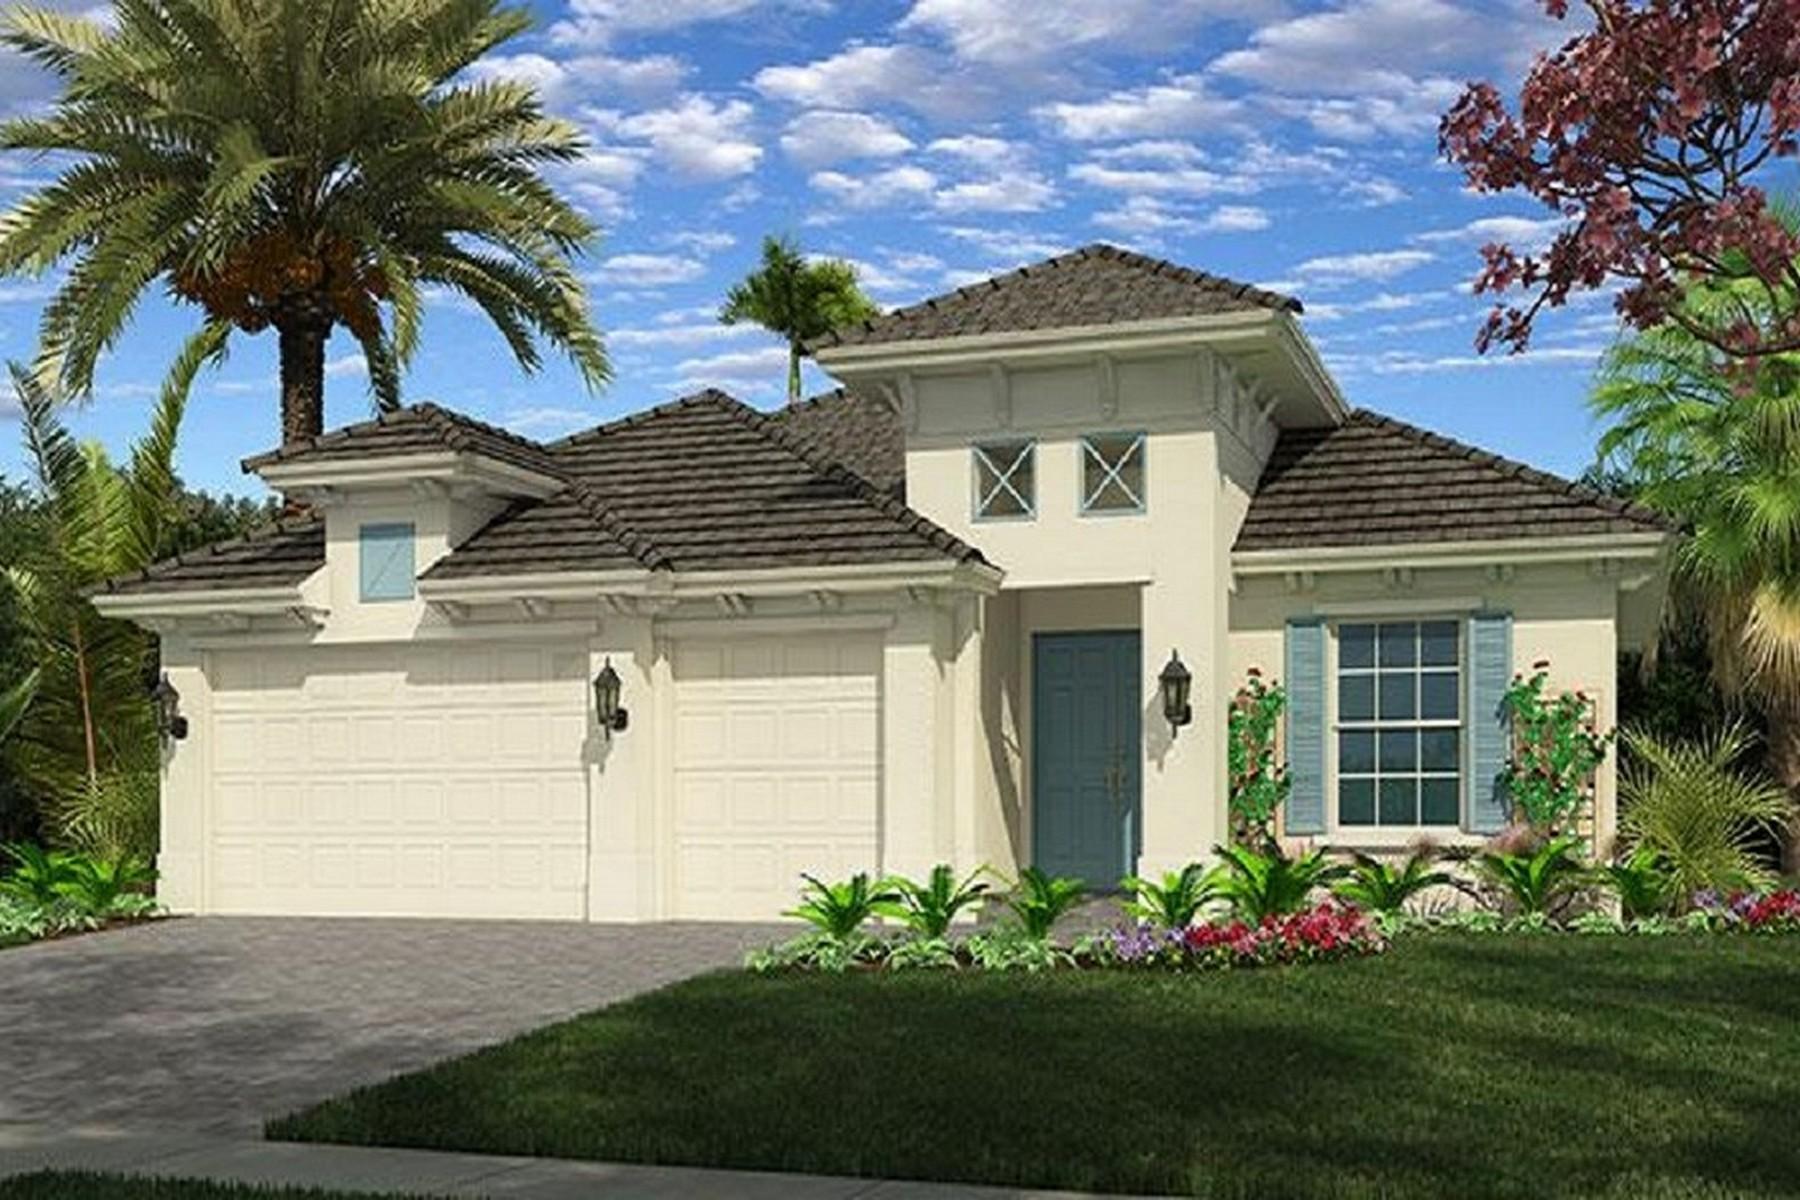 Nhà ở một gia đình vì Bán tại Lovely Home in Lily's Cay 1334 Lily's Cay Circle Vero Beach, Florida, 32967 Hoa Kỳ